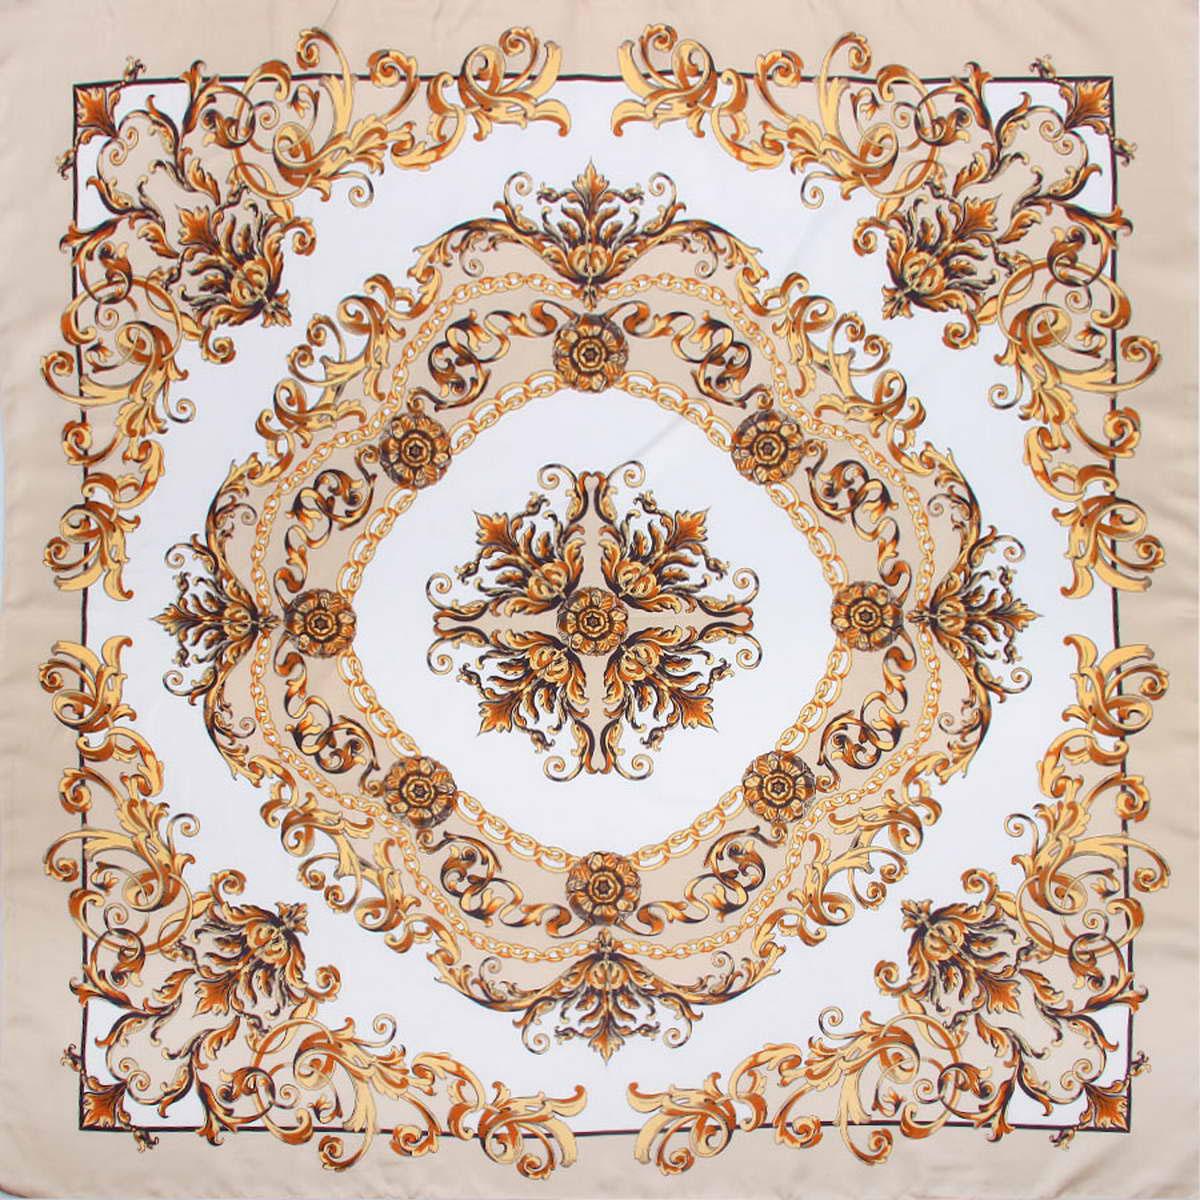 Платок3904472-1Стильный женский платок Venera изготовлен из качественного и легкого полиэстера, будет самым универсальным вариантом для повседневного аксессуара. Великолепный насыщенный цвет и оригинальный принт, напоминающий узор аристократичного стиля, будут придавать любому вашему наряду изысканности, подчеркивать женственность и стильность. Классическая квадратная форма позволяет носить платок на шее, украшать им прическу или декорировать сумочку. Такой платок превосходно дополнит любой наряд и подчеркнет ваш неповторимый вкус и элегантность.